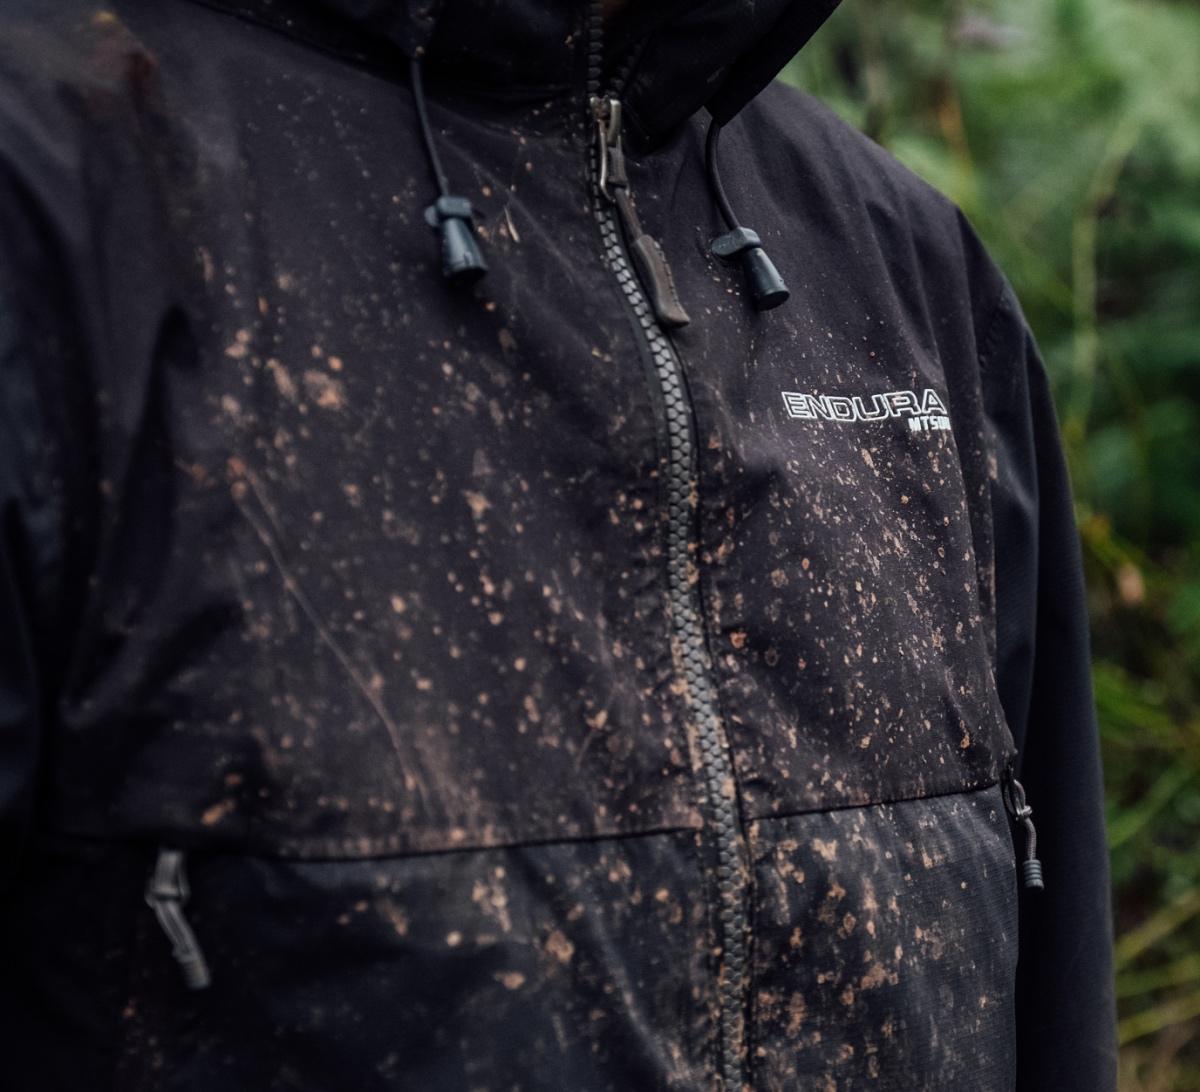 Muddy mayhem in the Endura MT500 Waterproof Suit